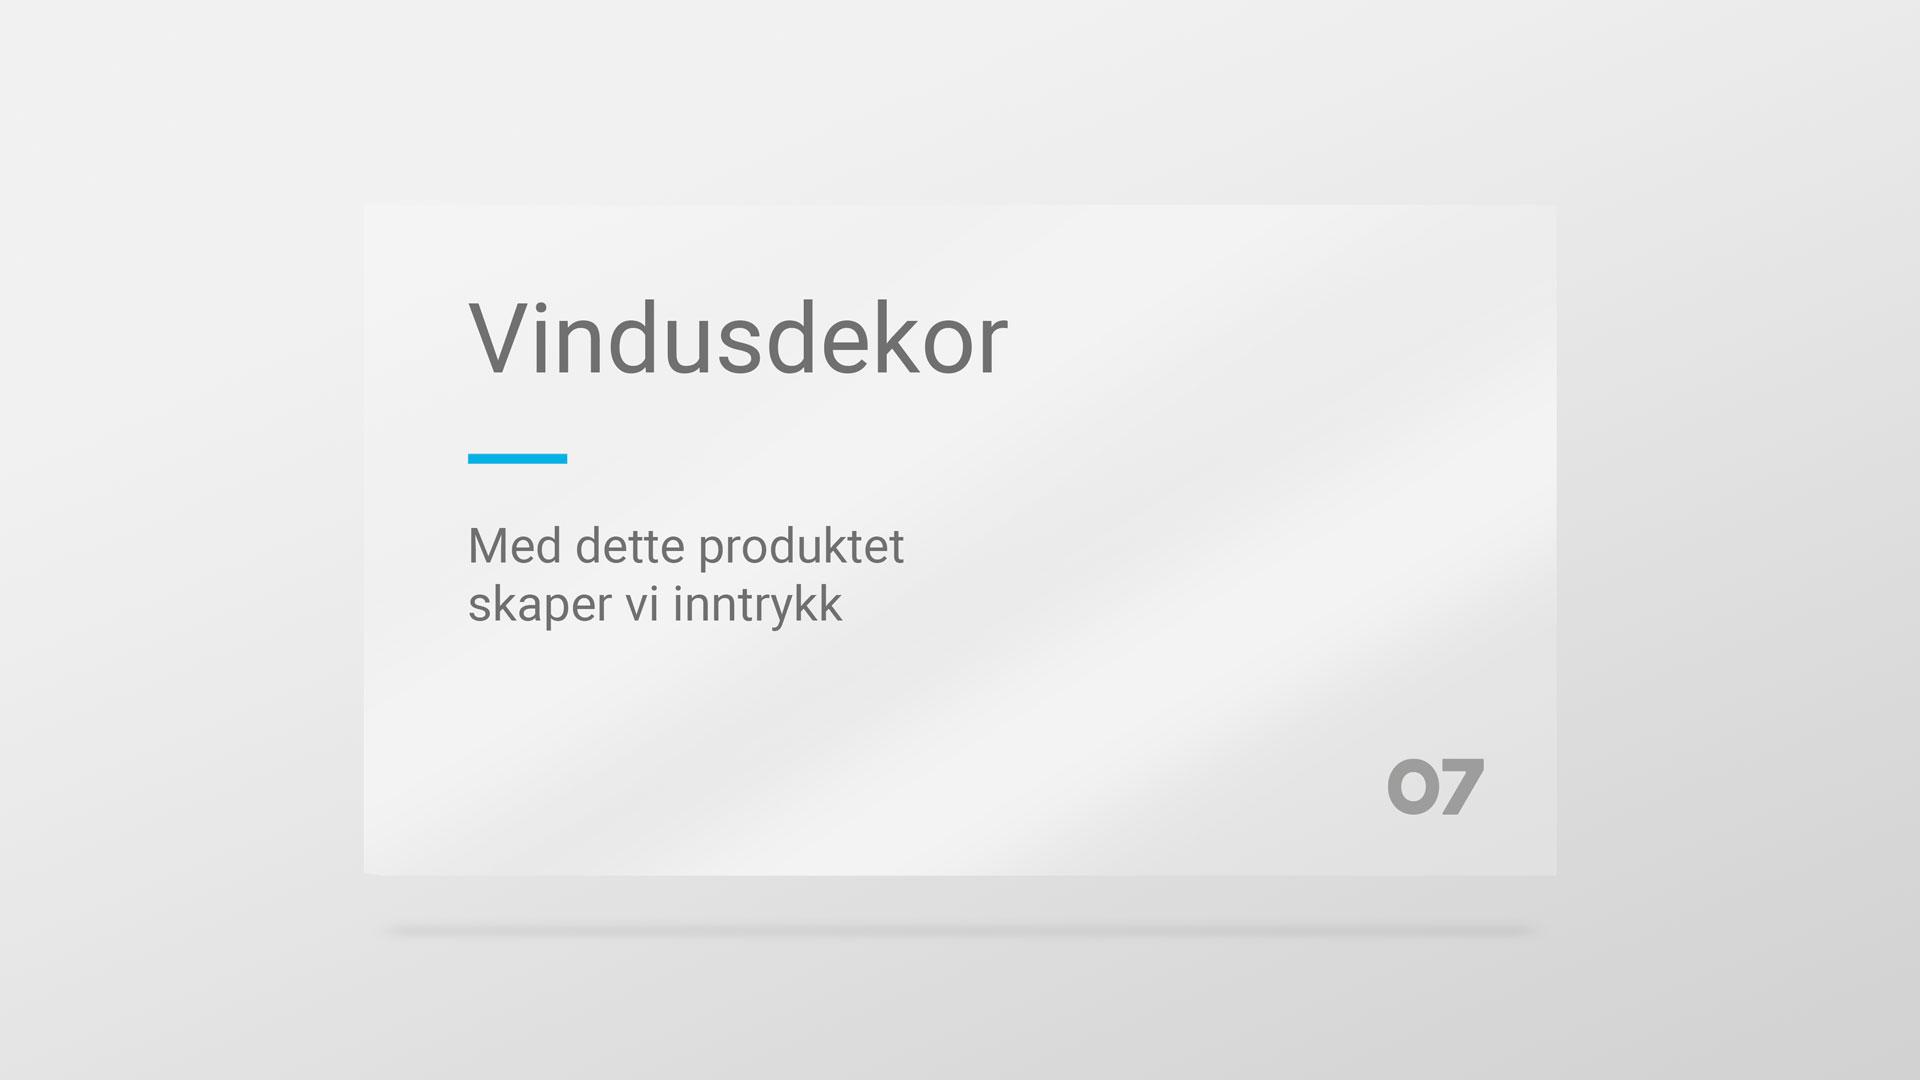 En enkel vindusdekor med blank folie og tekst - i 07s profil. Illustrasjonsbilde.